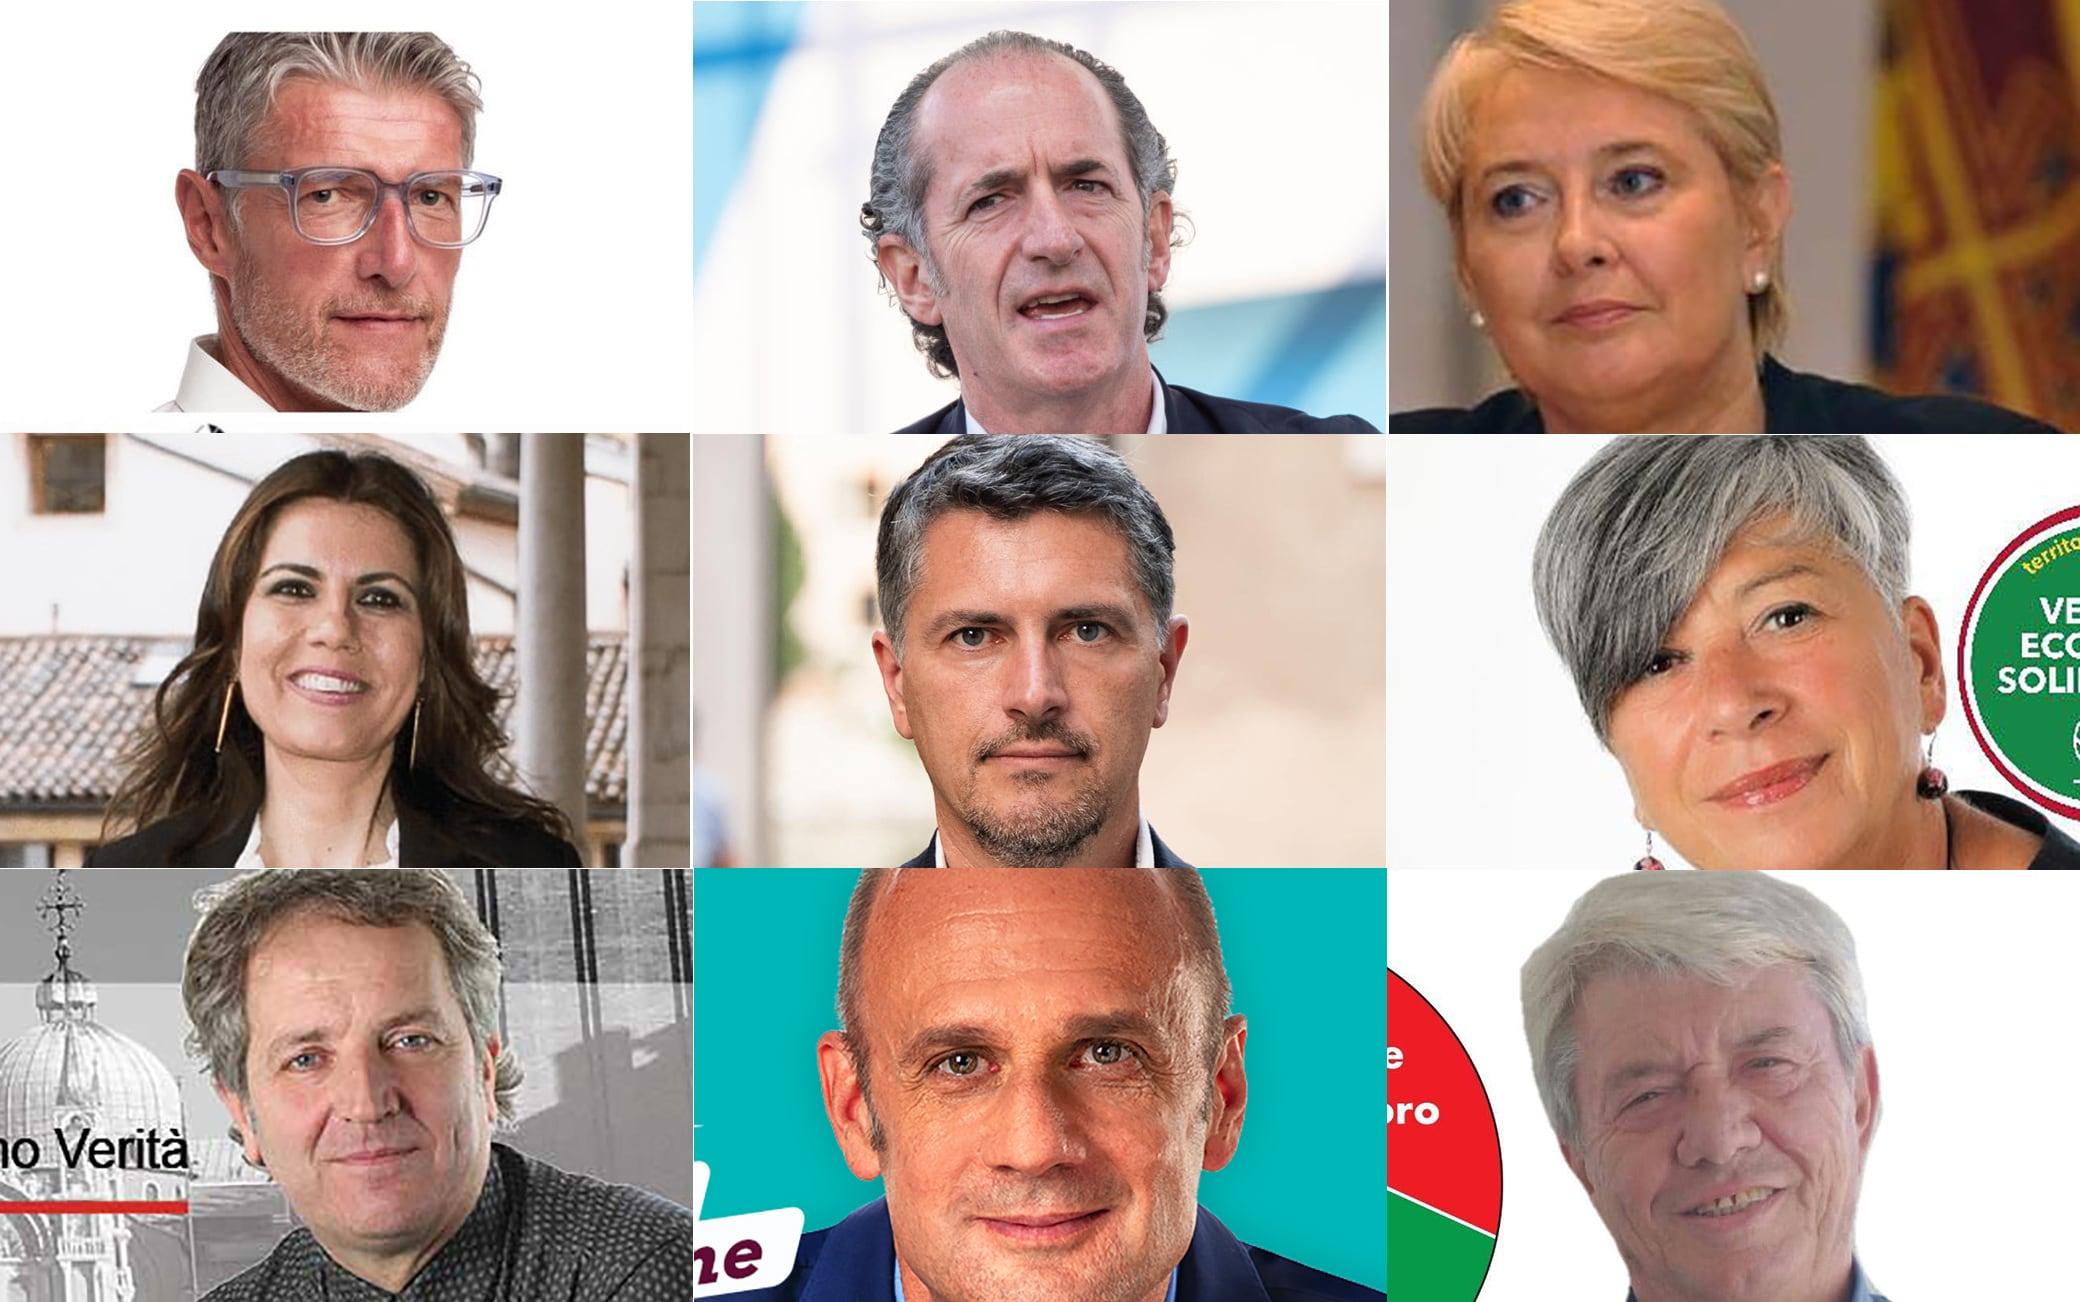 Candidati elezioni regionali Veneto